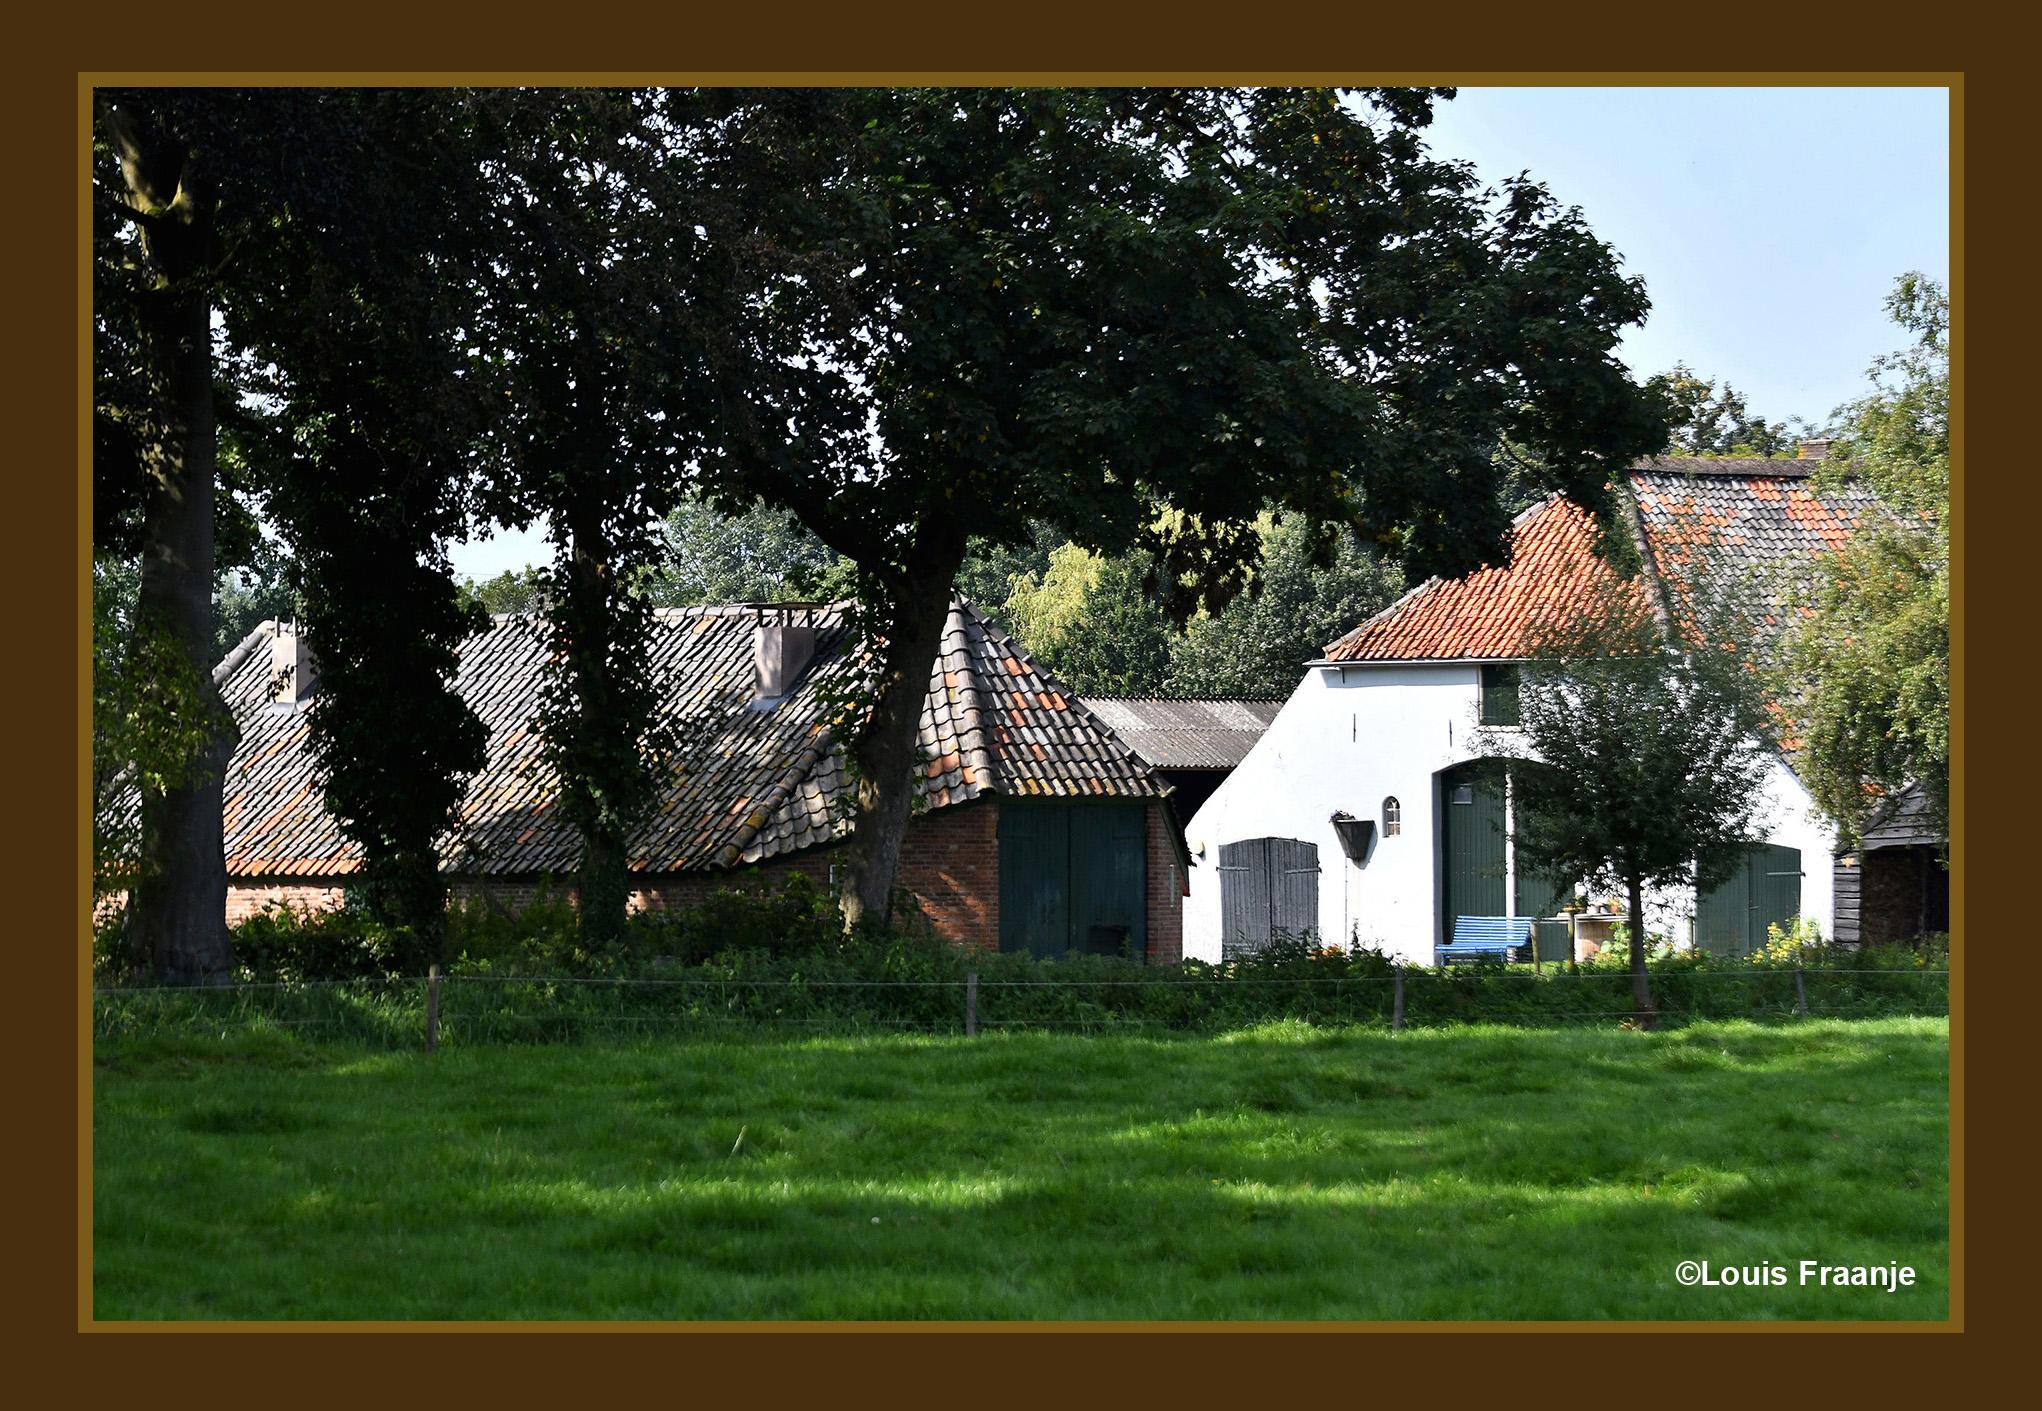 De achterkant van een oude boerderij met een prachtige schaapskooi - Foto: ©Louis Fraanje